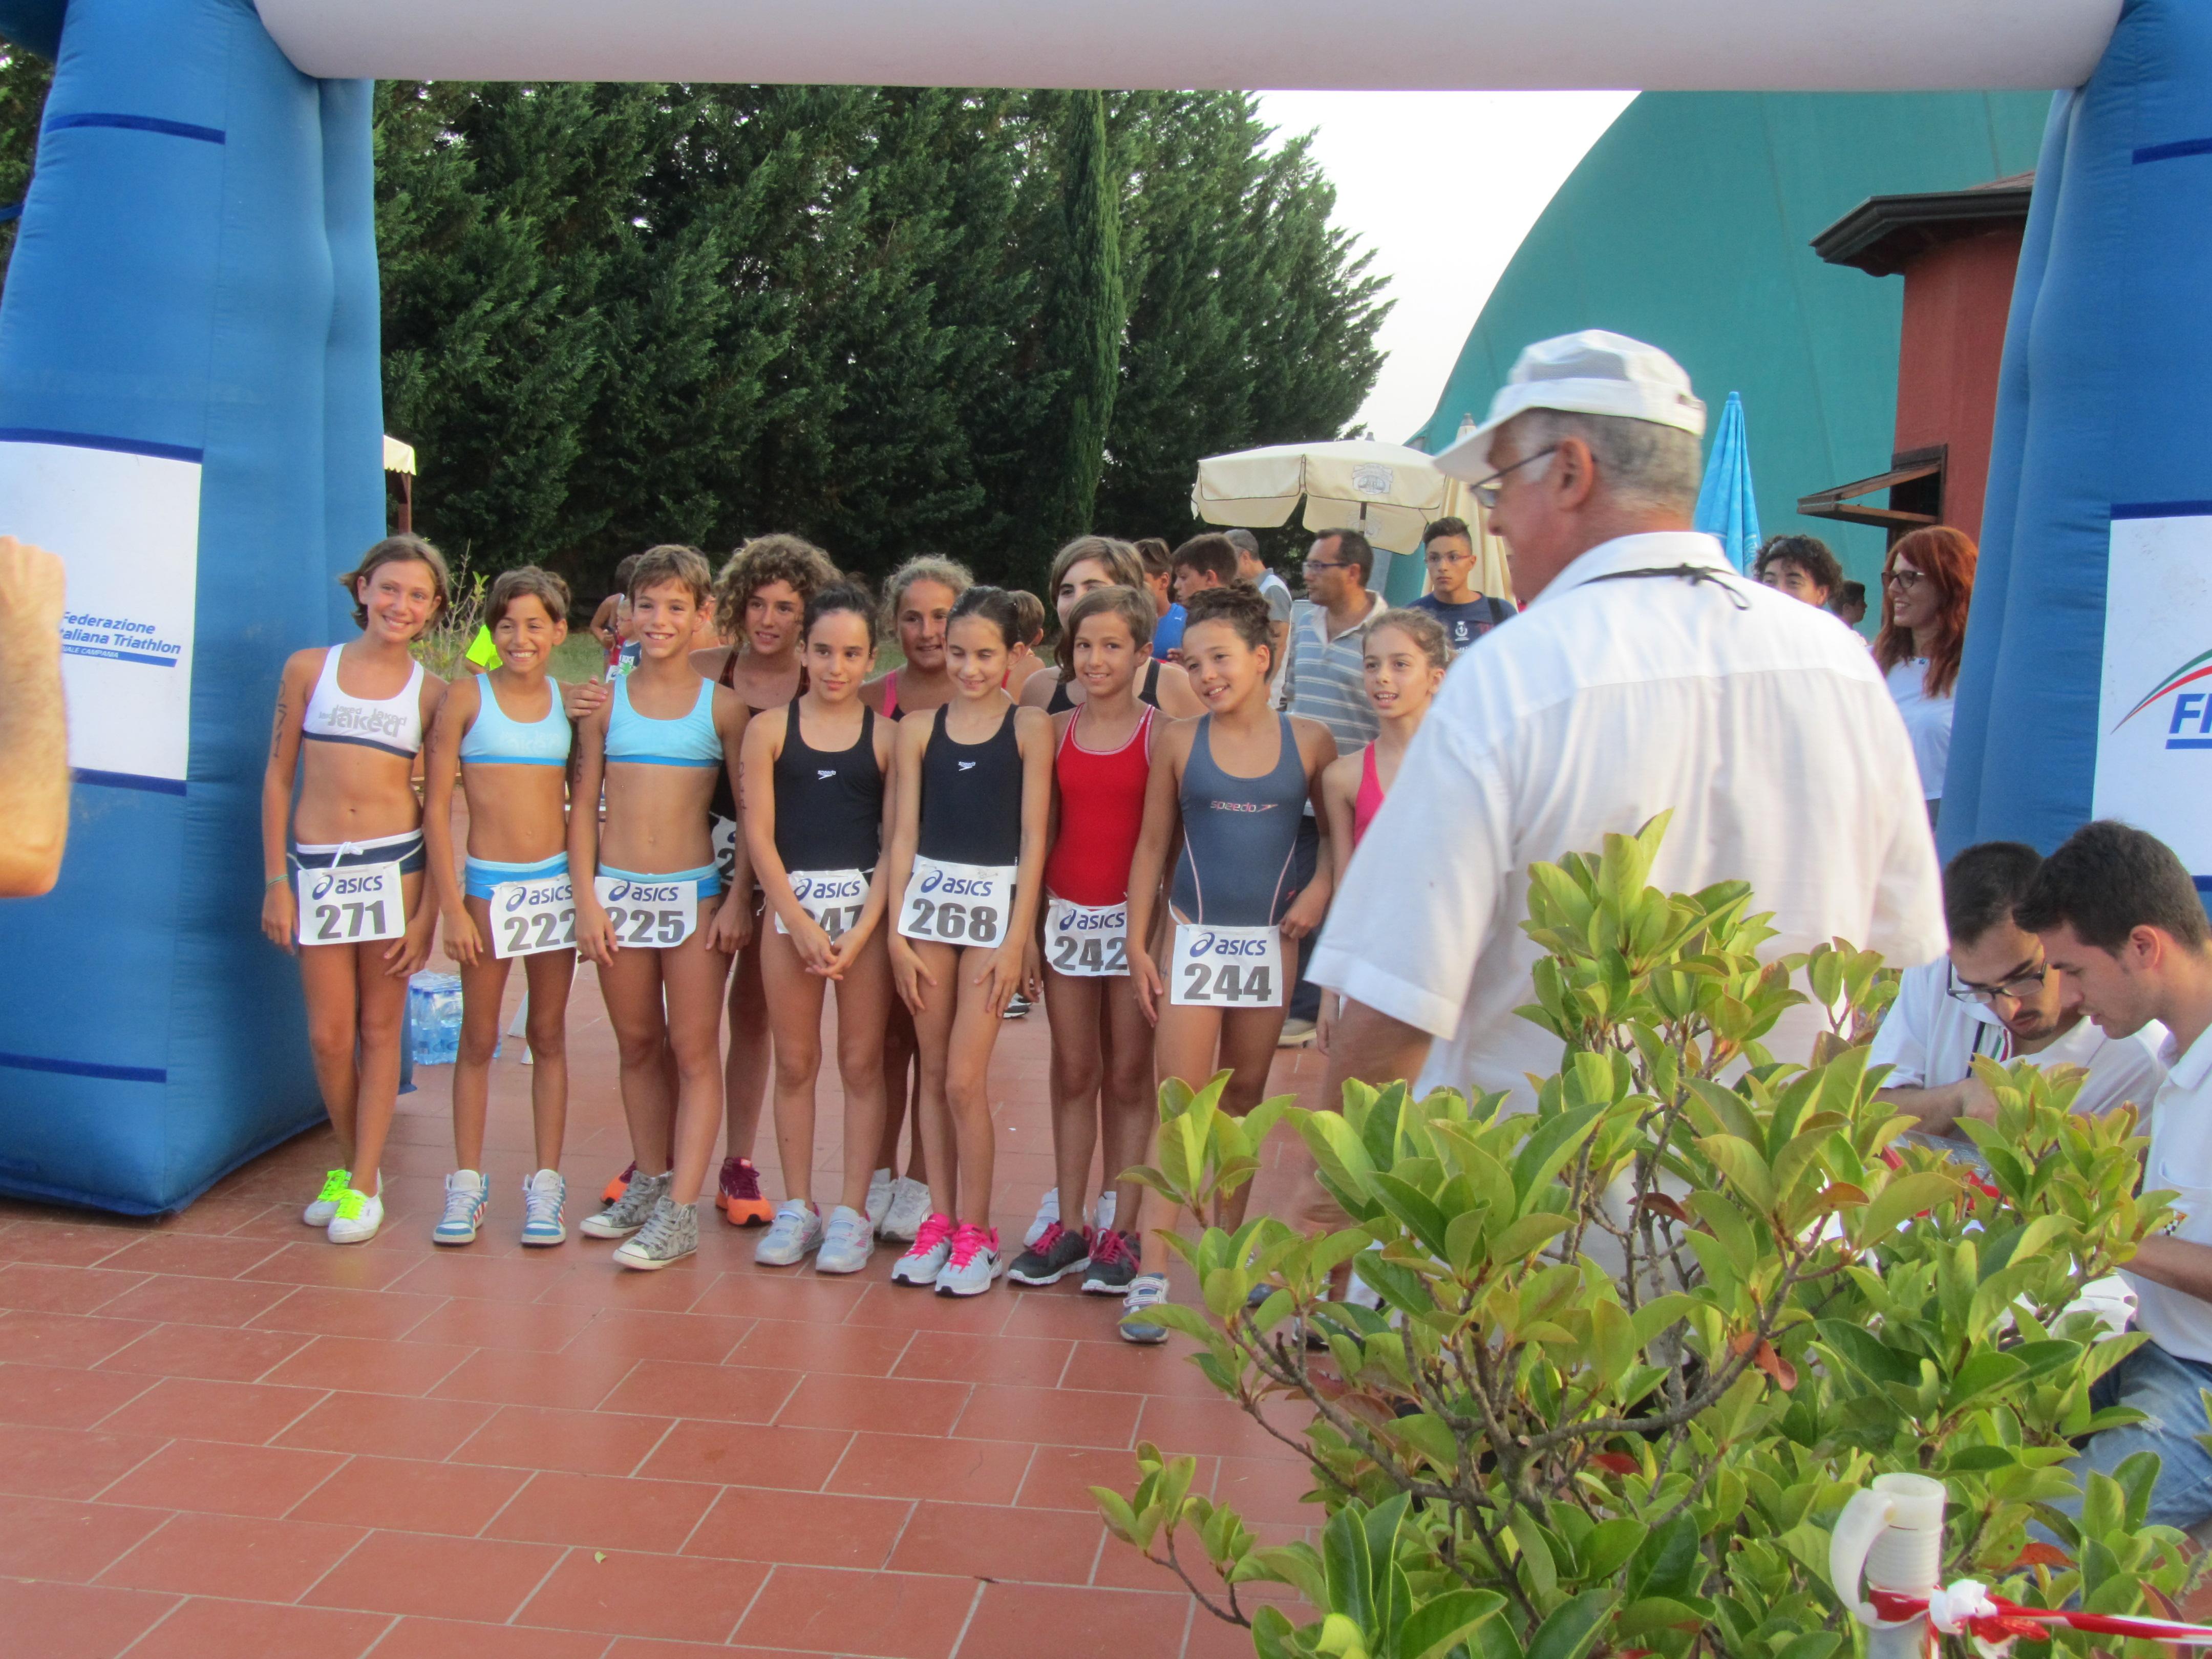 Campigliano – Trofeo Coni – Festival dei Giovani